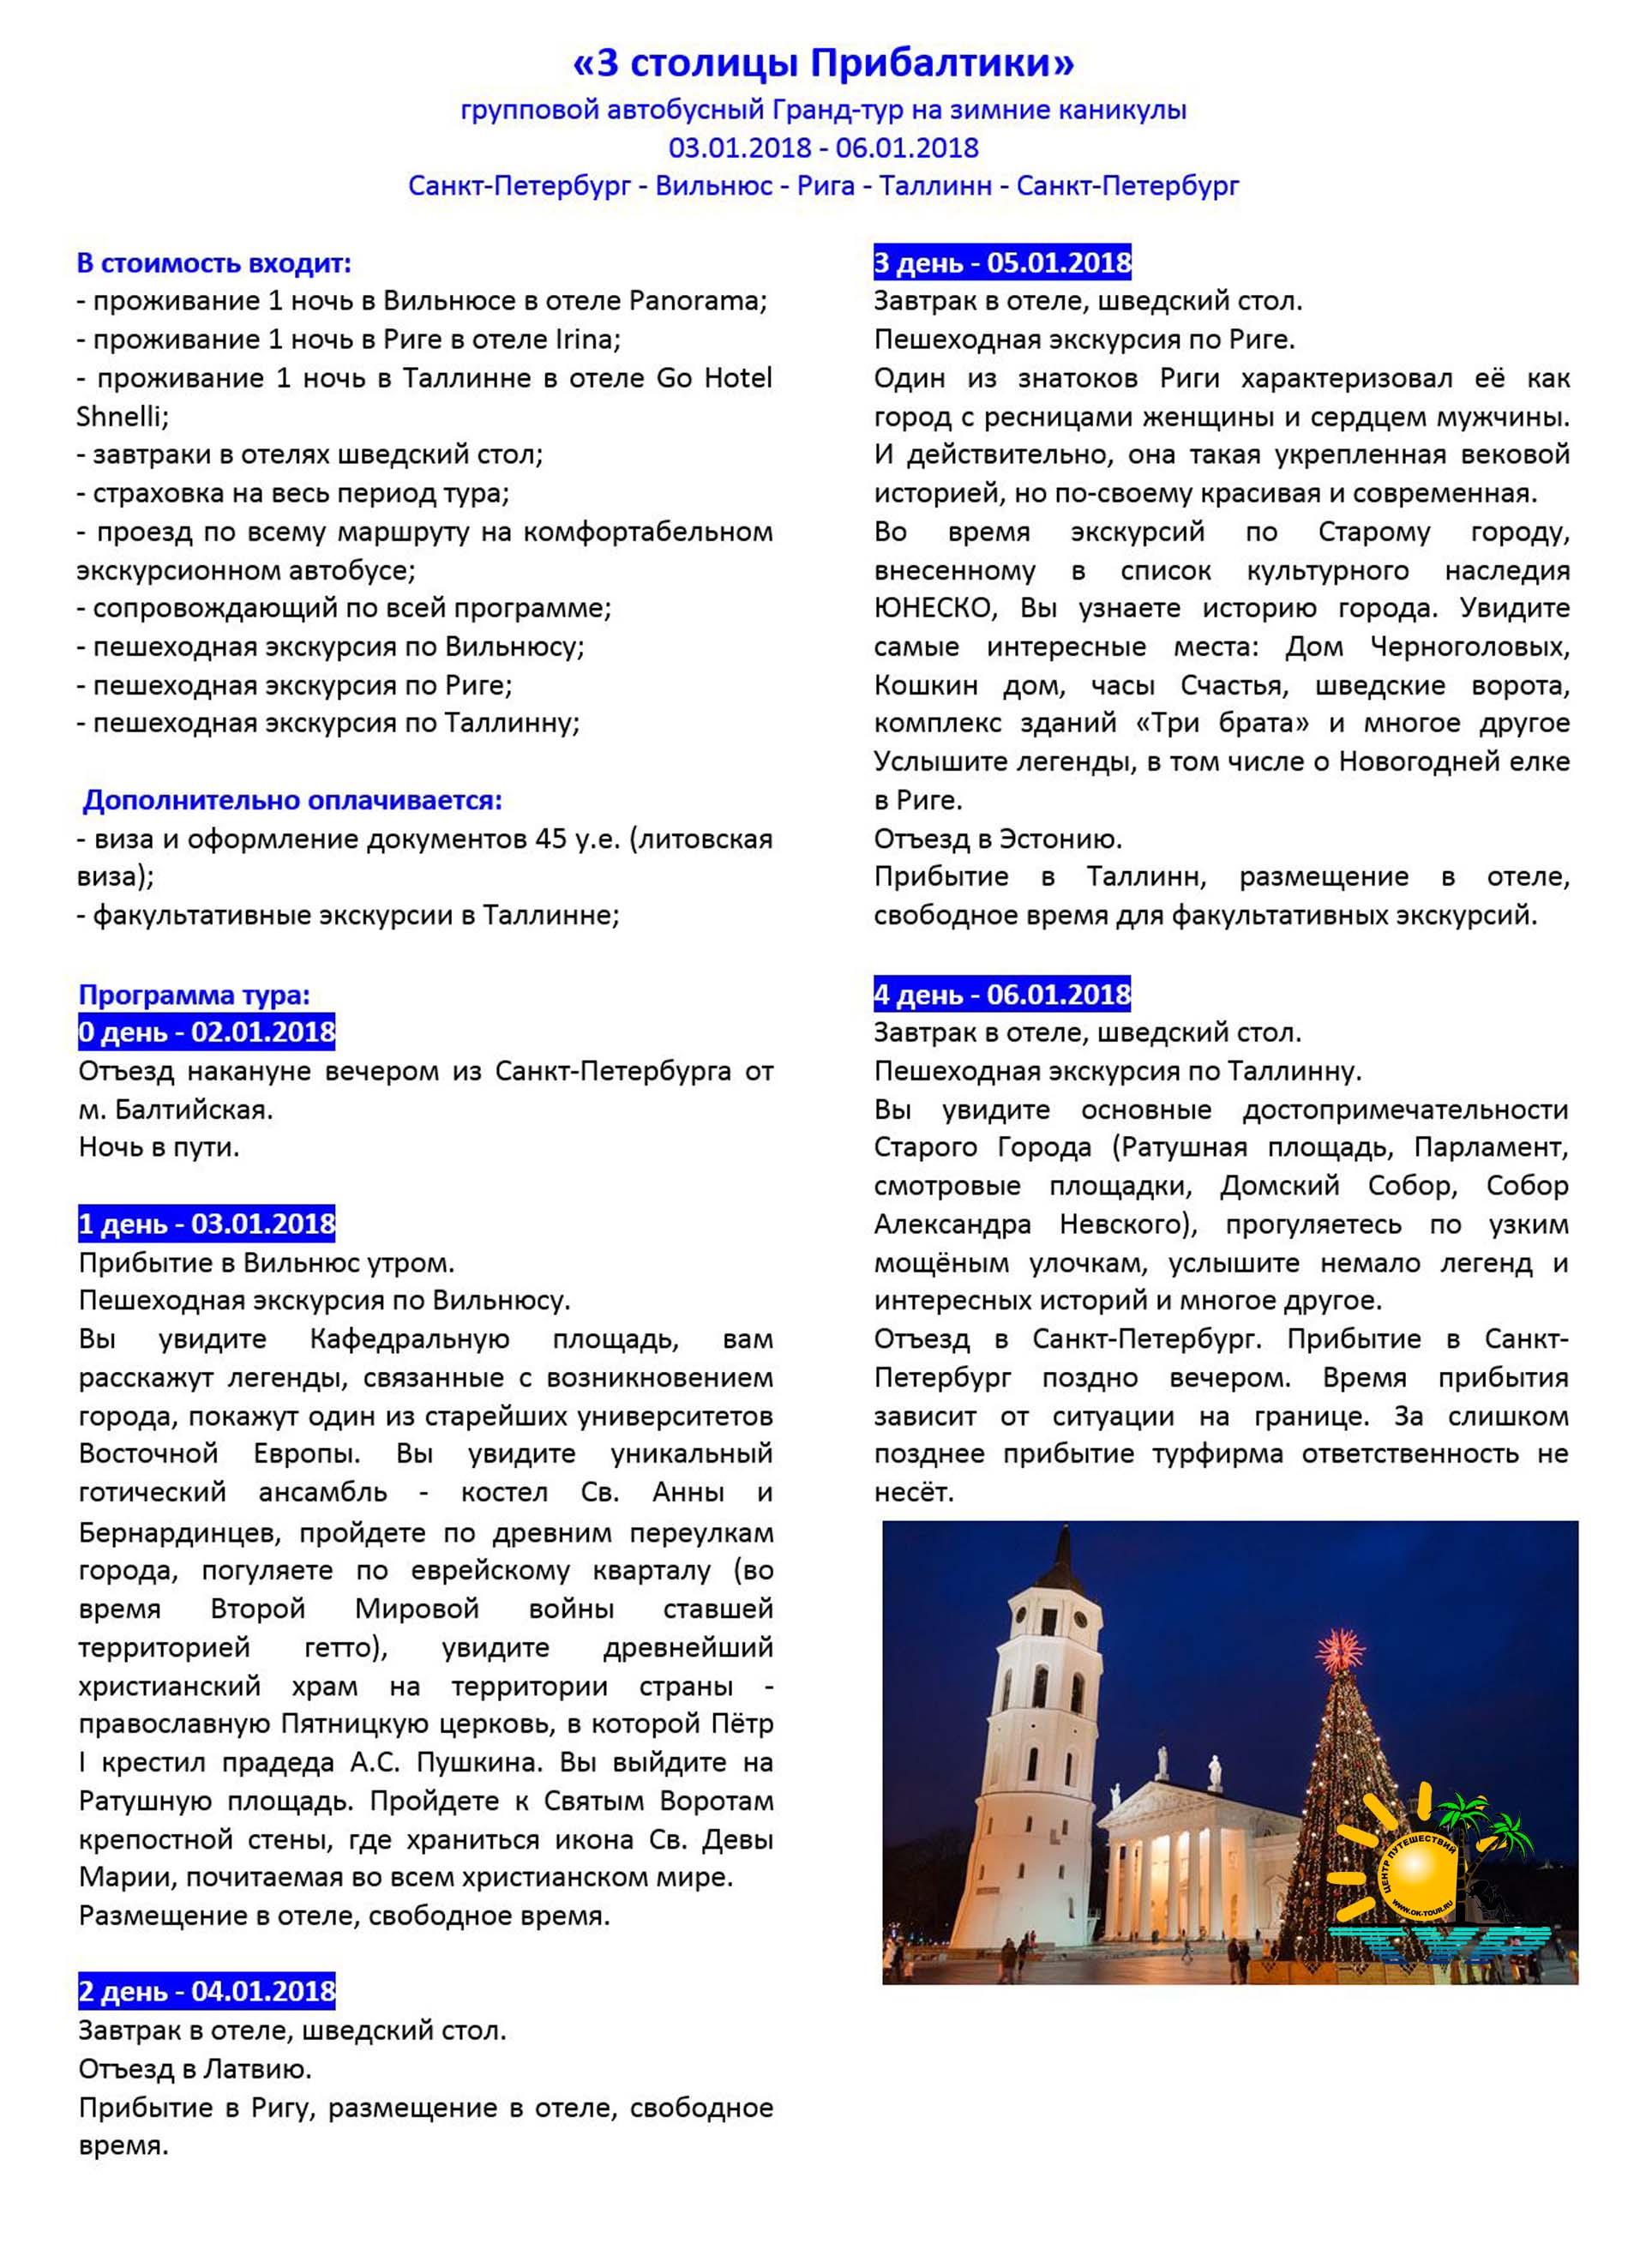 Встреча Нового Года в Прибалтике